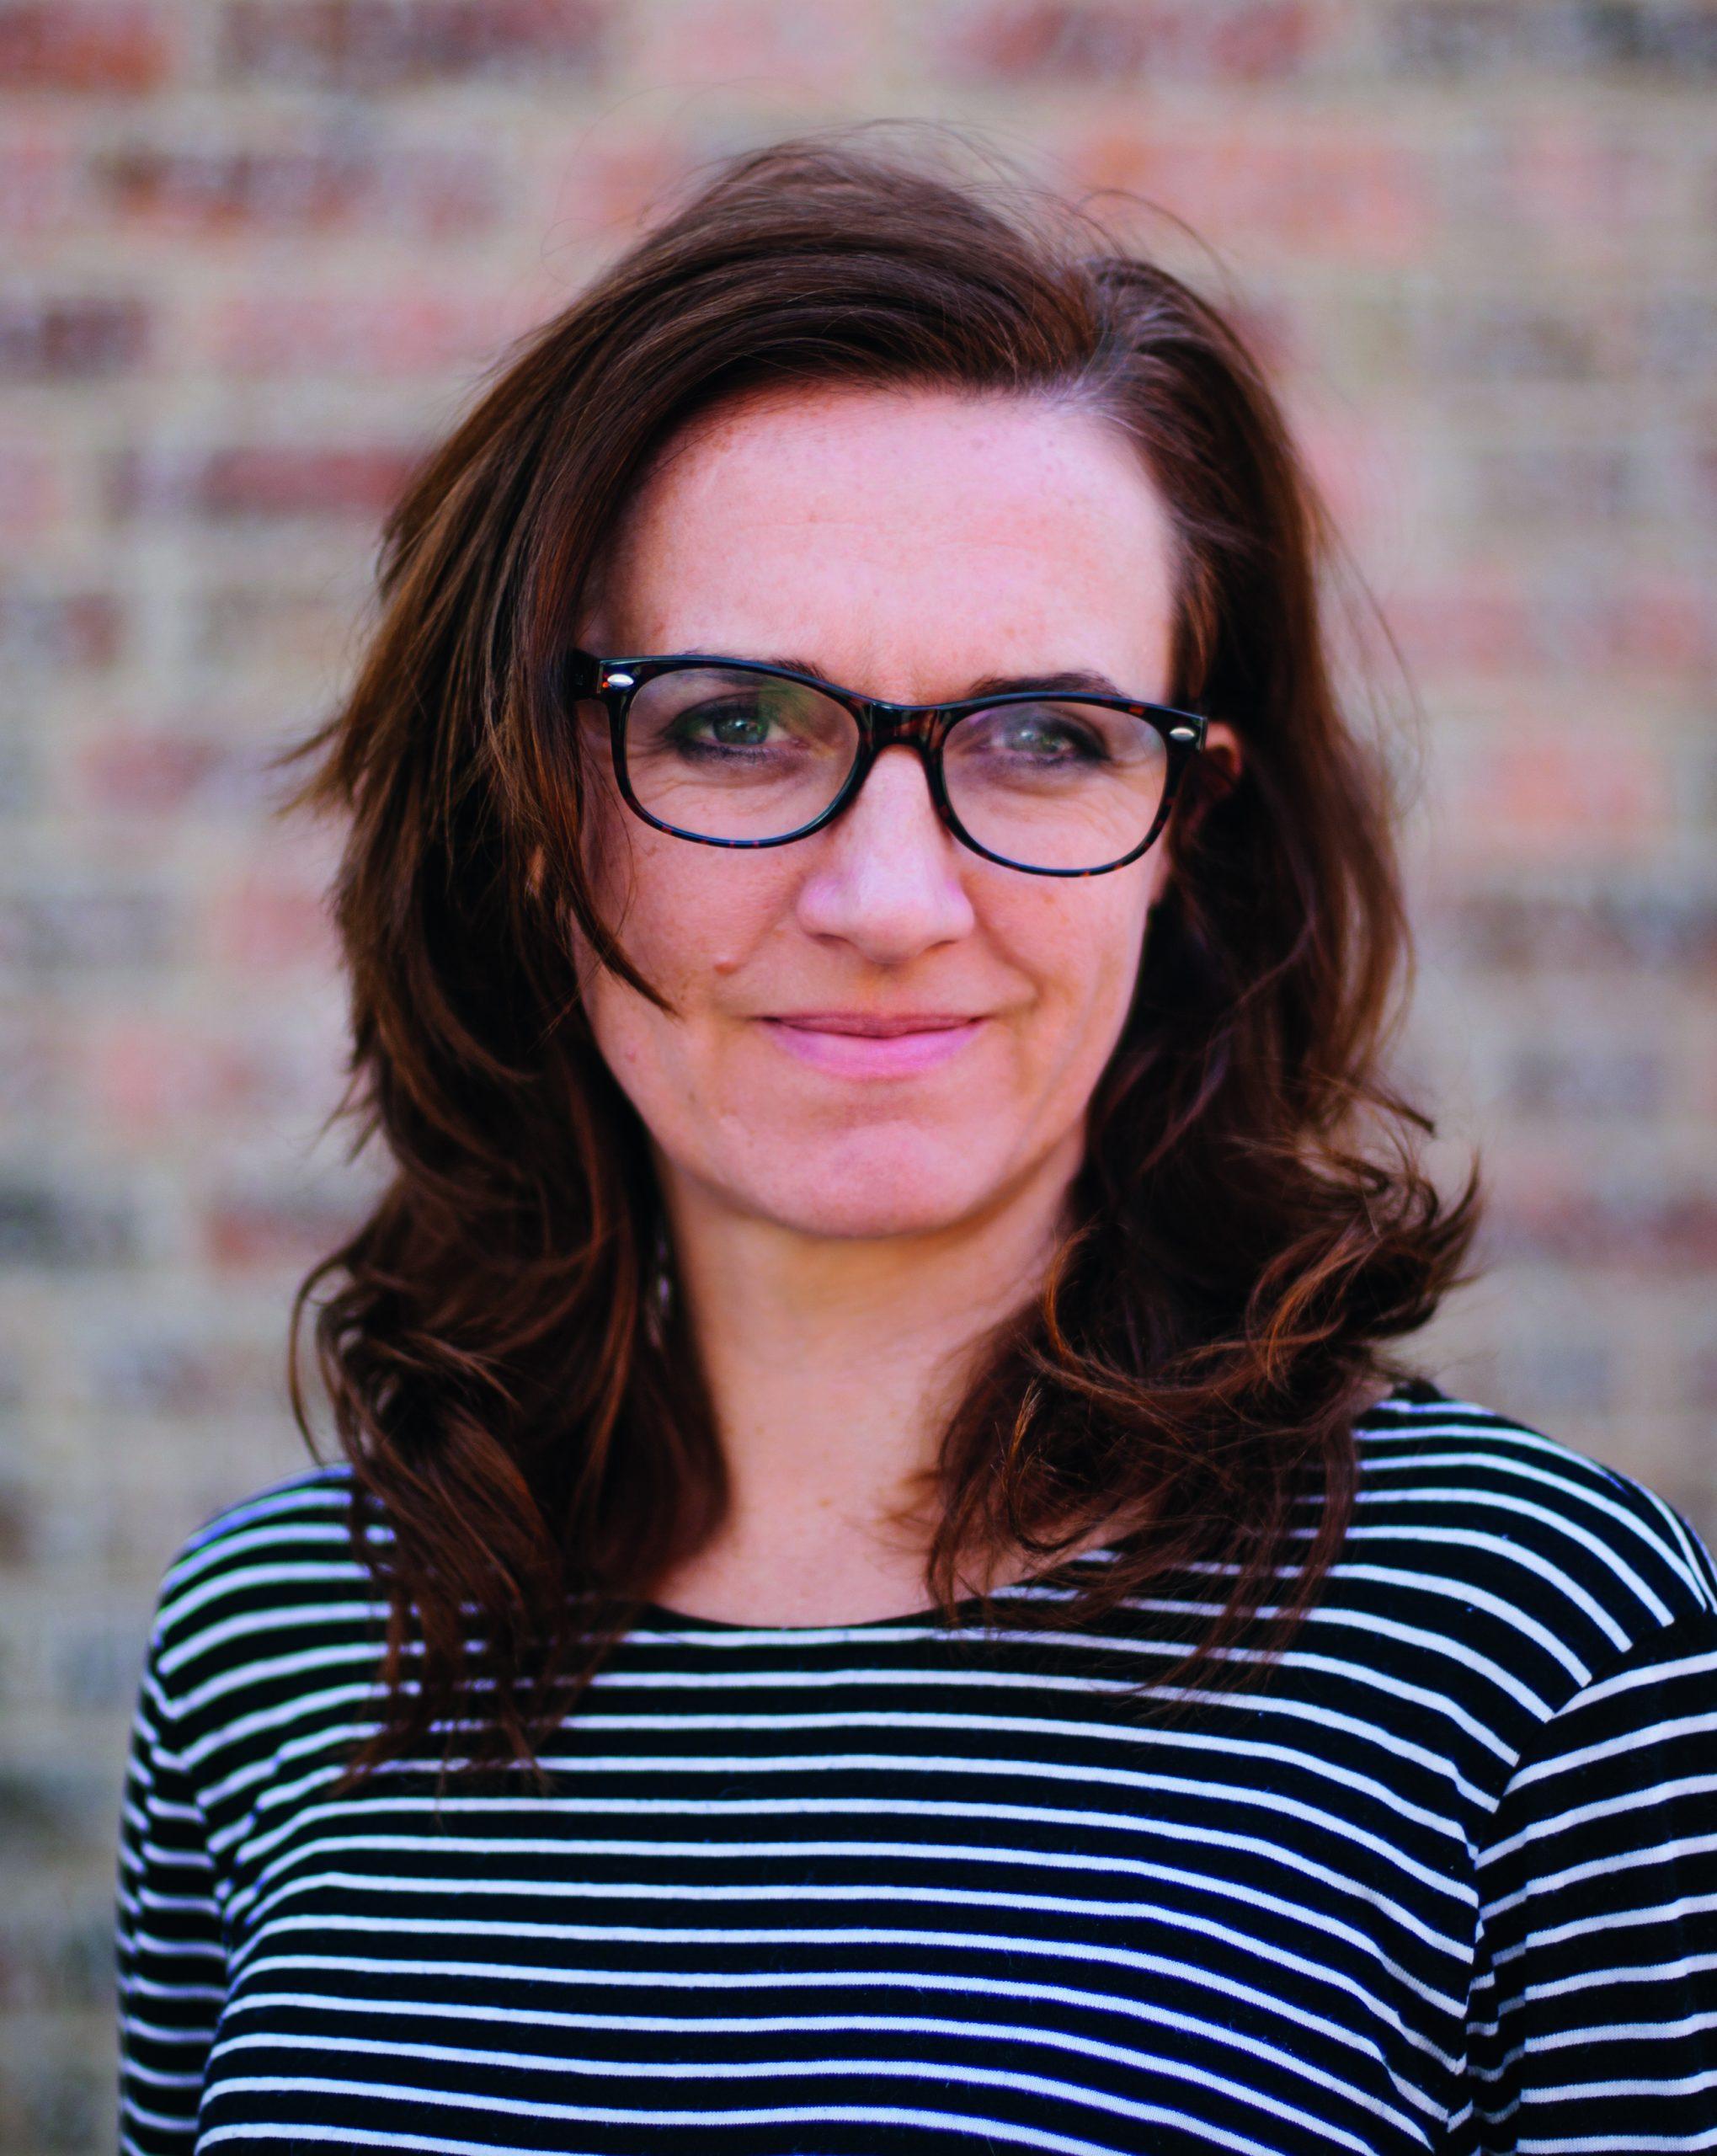 Katie Abbotts